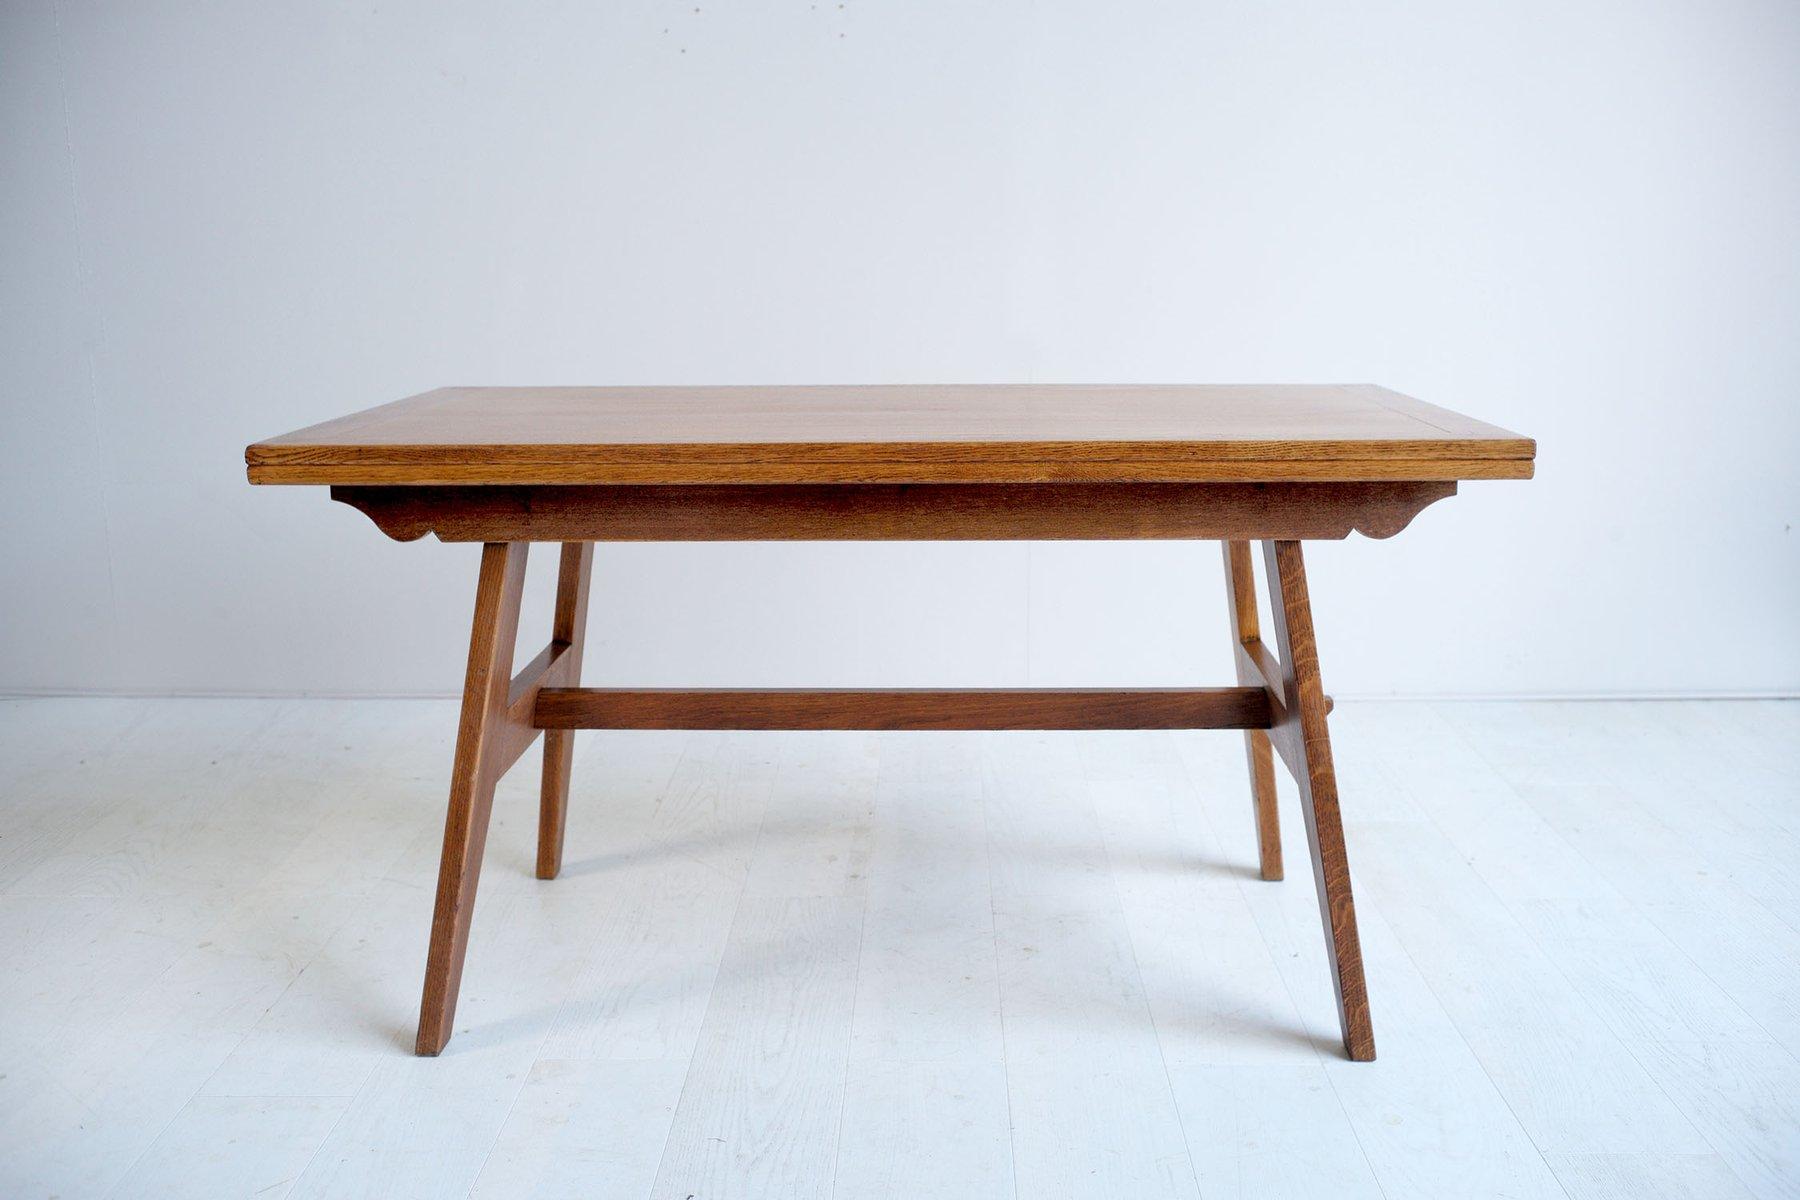 MidCentury Oak Dining Table By René Gabriel S For Sale At Pamono - Mid century oak dining table